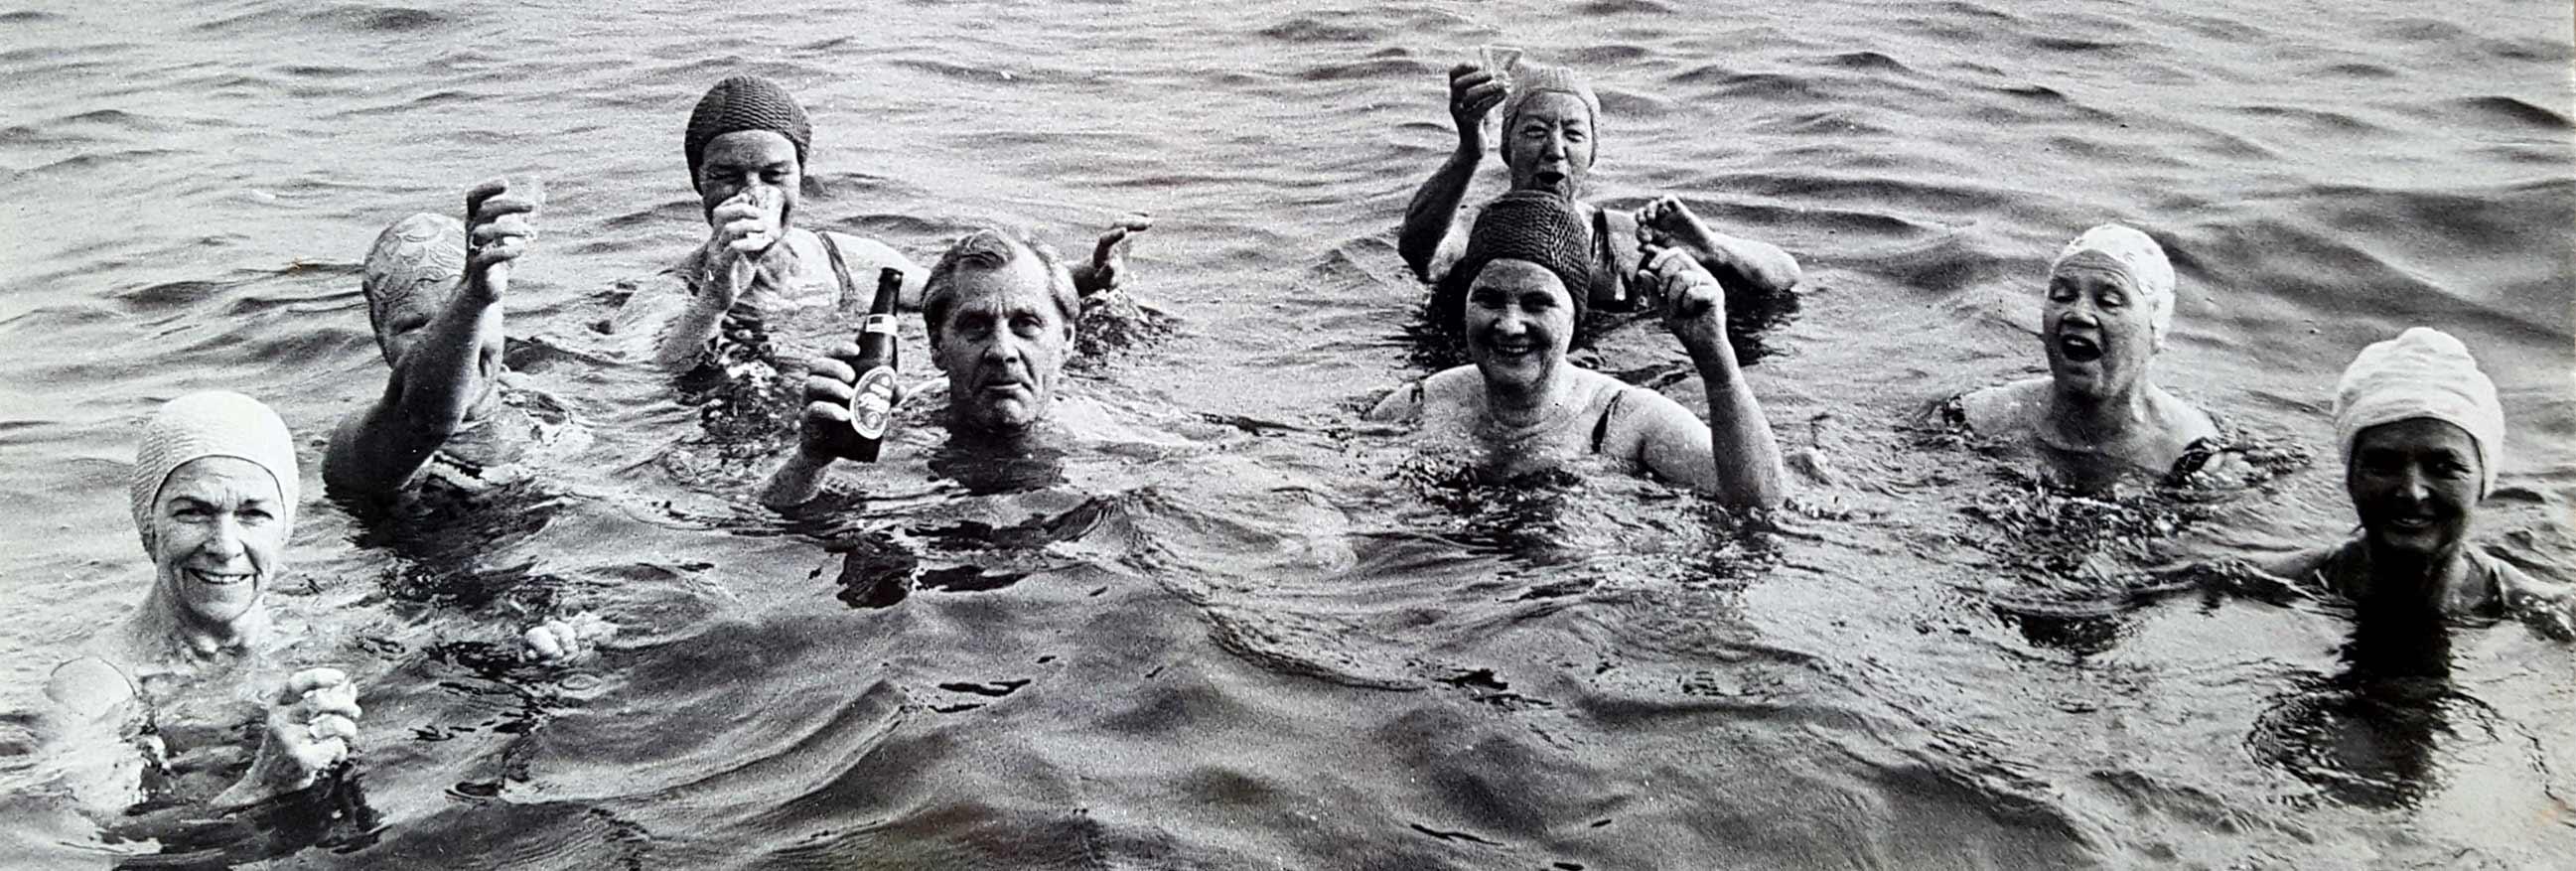 Badeklubbens medlemmer skåler i havet